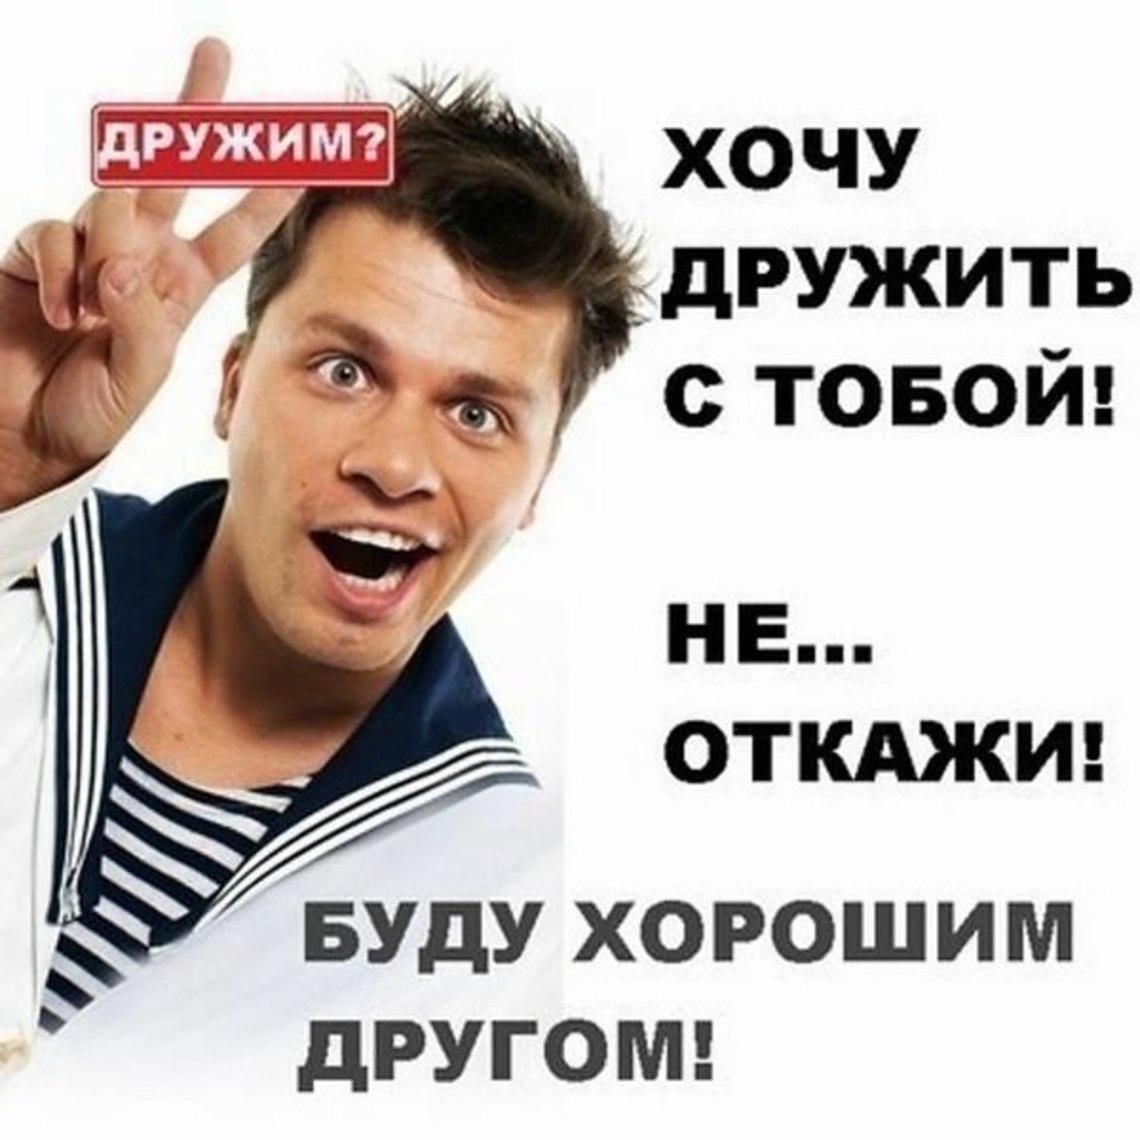 Stepich